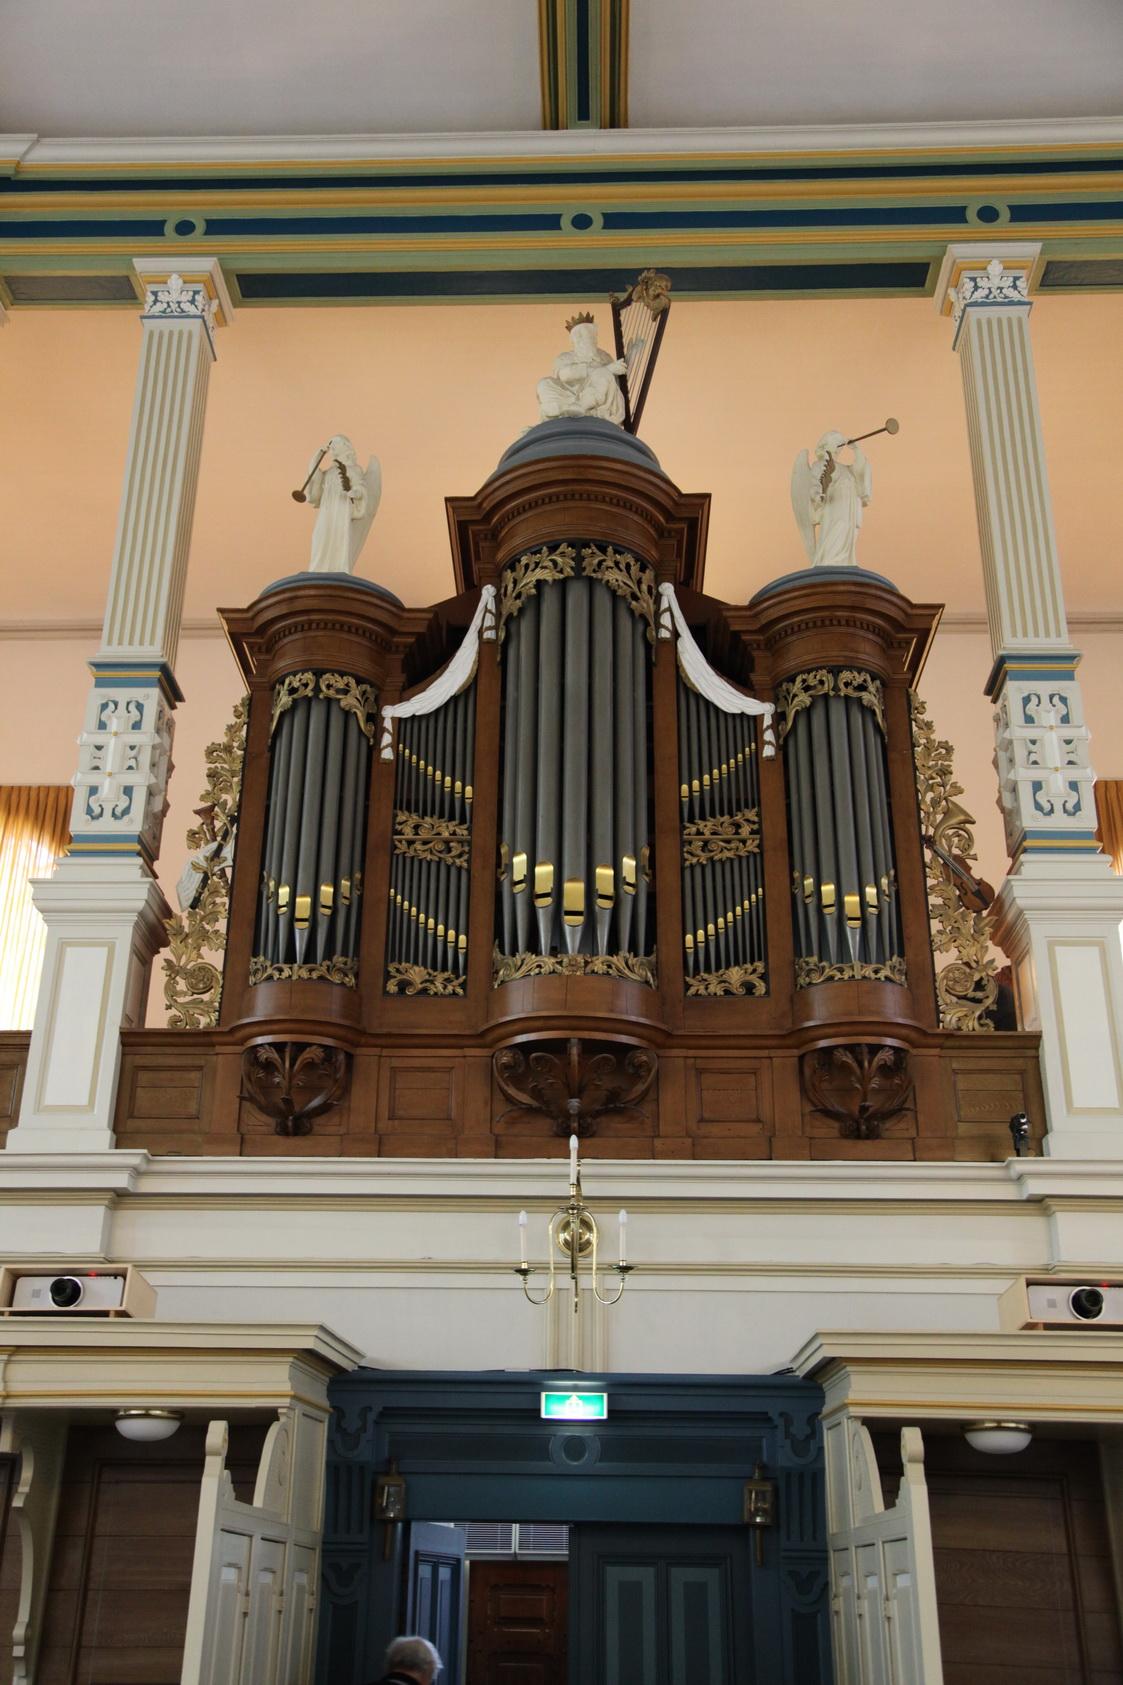 Het Hendriksen &Reitsmaorgel  (1996) in de Plantagekerk te Zwolle. Het orgel bevat ouder materiaal: orgelkas en delen pijpwerk uit ca. 1790 van Bouwer onbekend, pijpwerk uit 1896 van Jan Proper, pijpwerk uit 1938 van Valckx & Van Kouteren